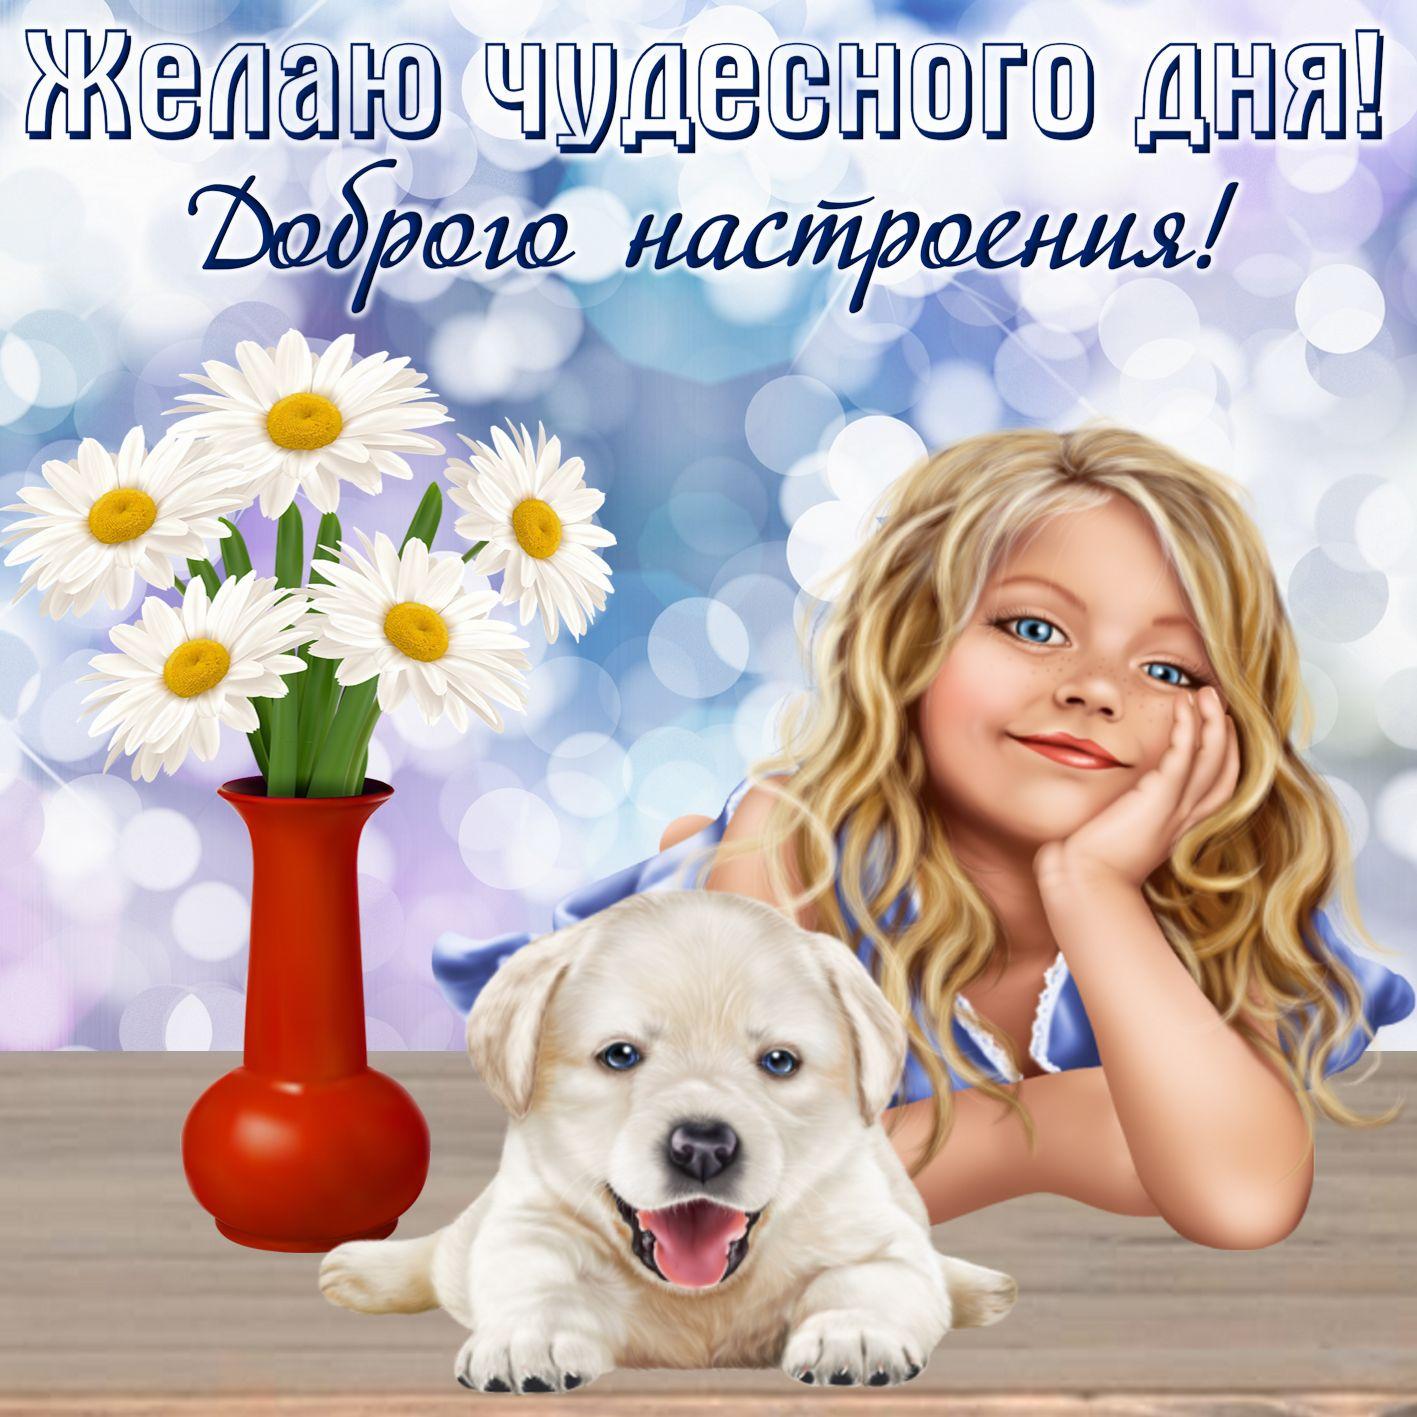 Добрым утром, открытка с пожеланием доброго дня и хорошего настроения для дорогой подруги